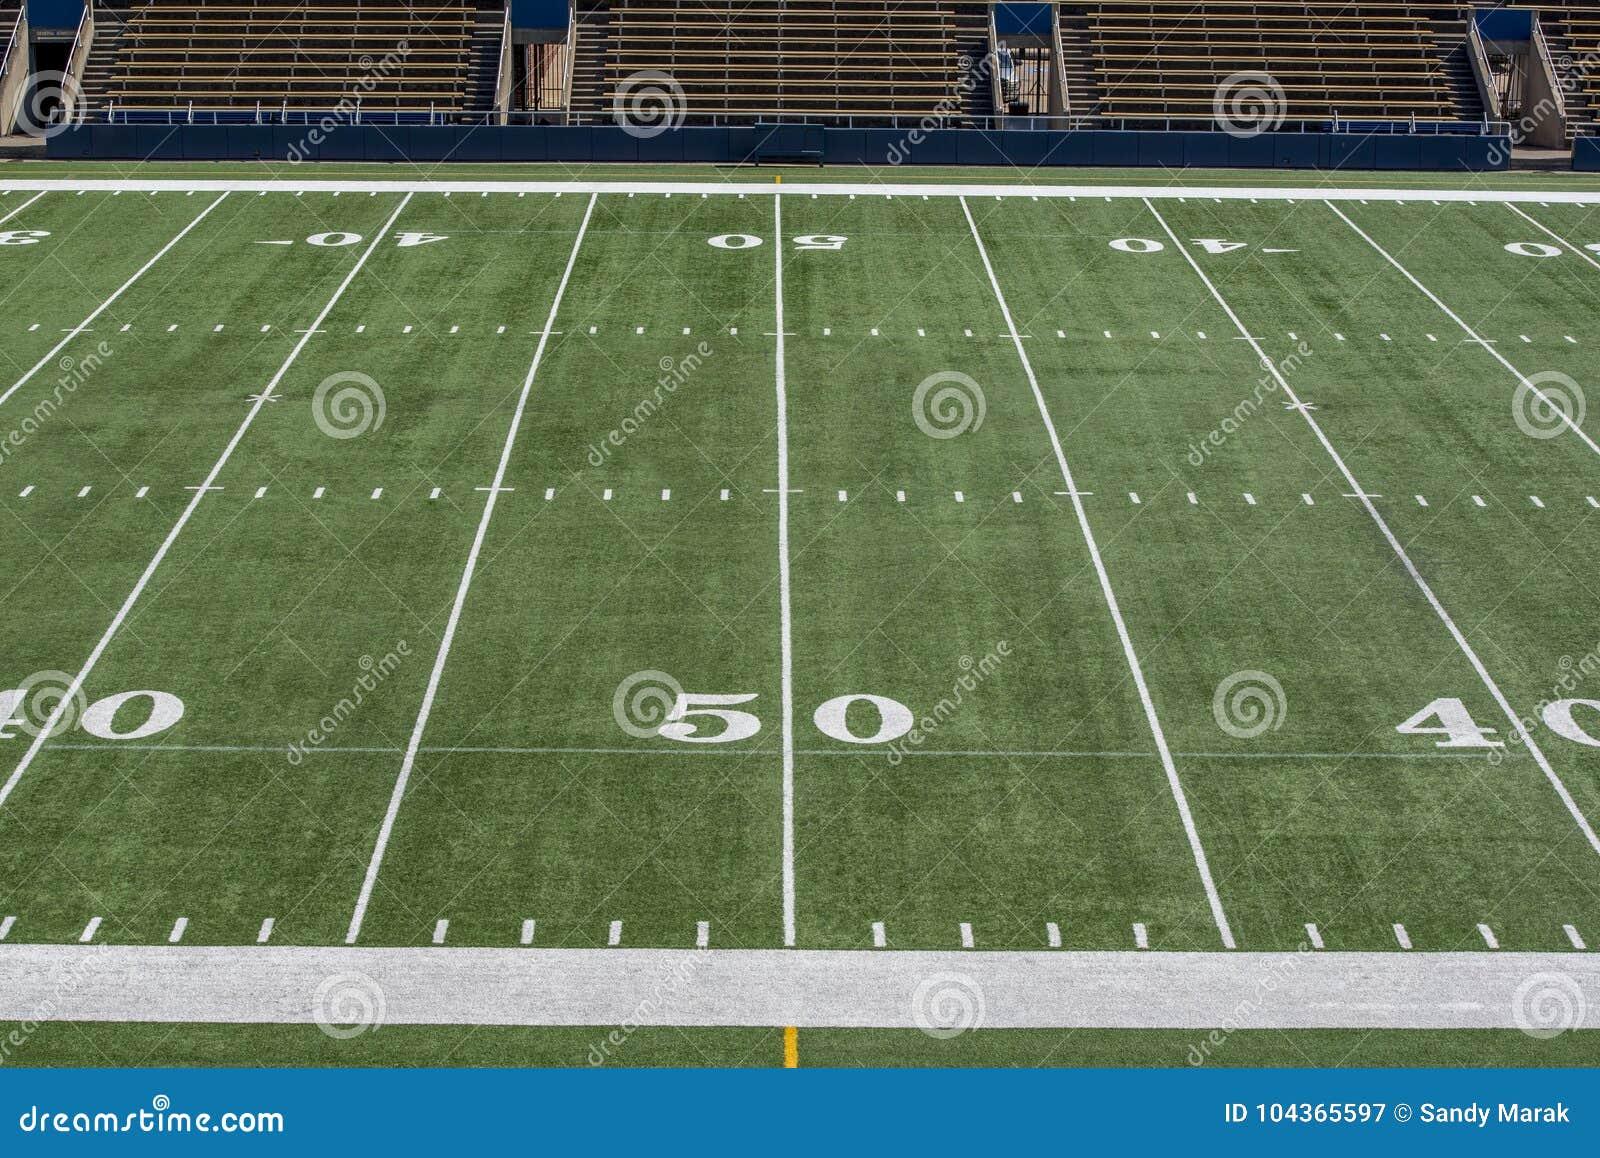 Fält för amerikansk fotboll med linjen för gård 50